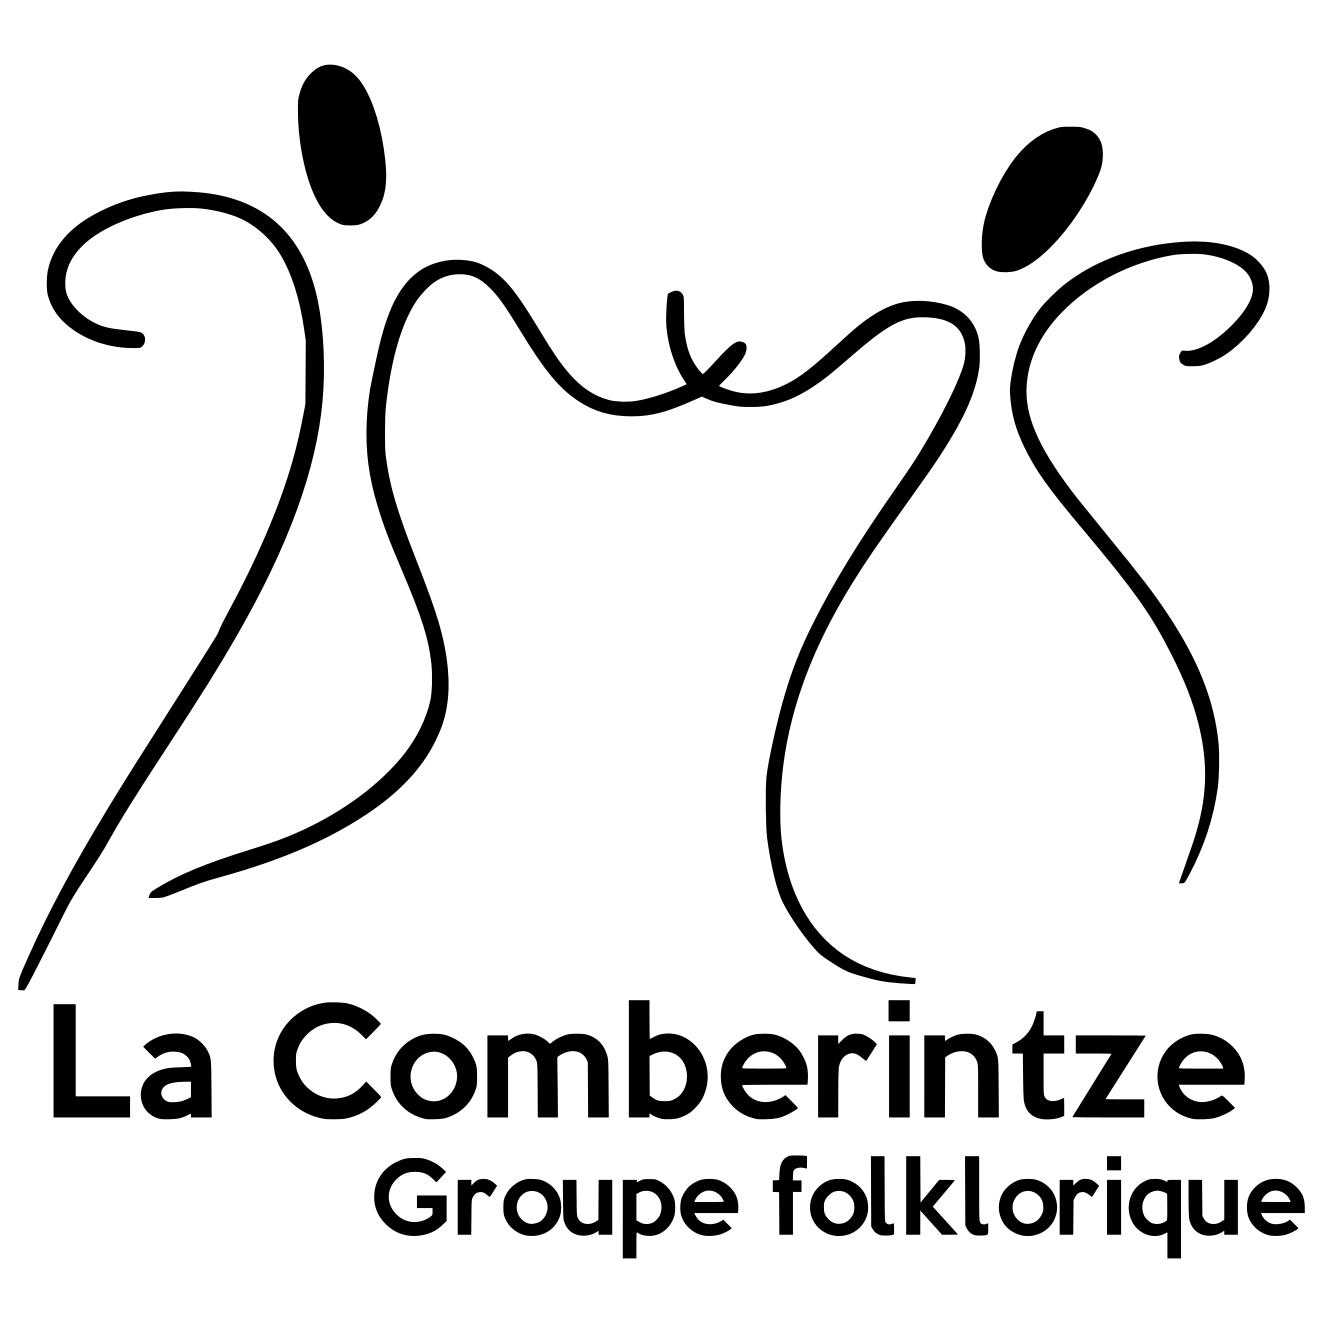 La Comberintze - Groupe Folklorique